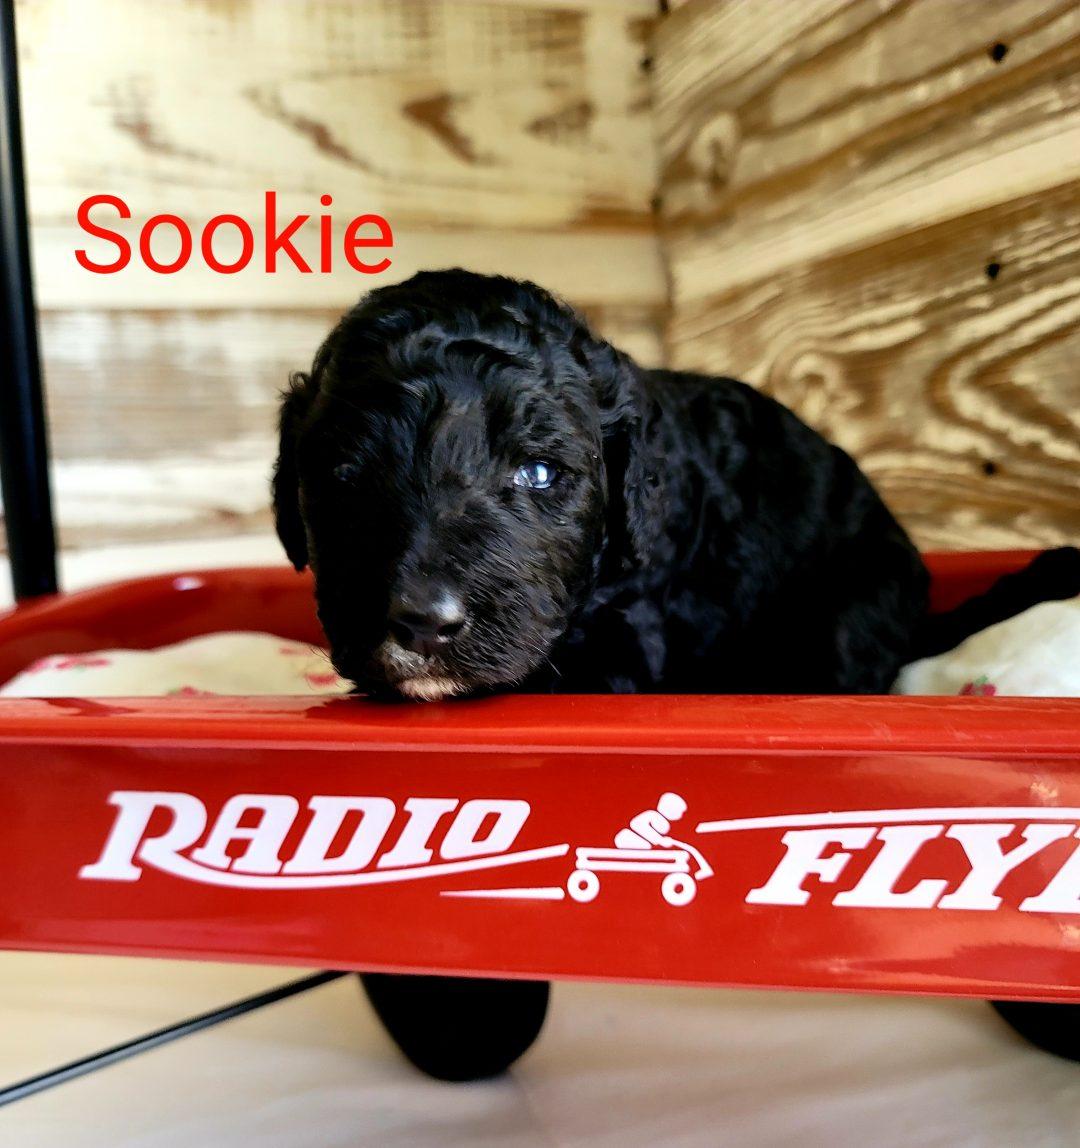 Sookie - CKC Bernedoodle female puppie for sale near Alton, Missouri